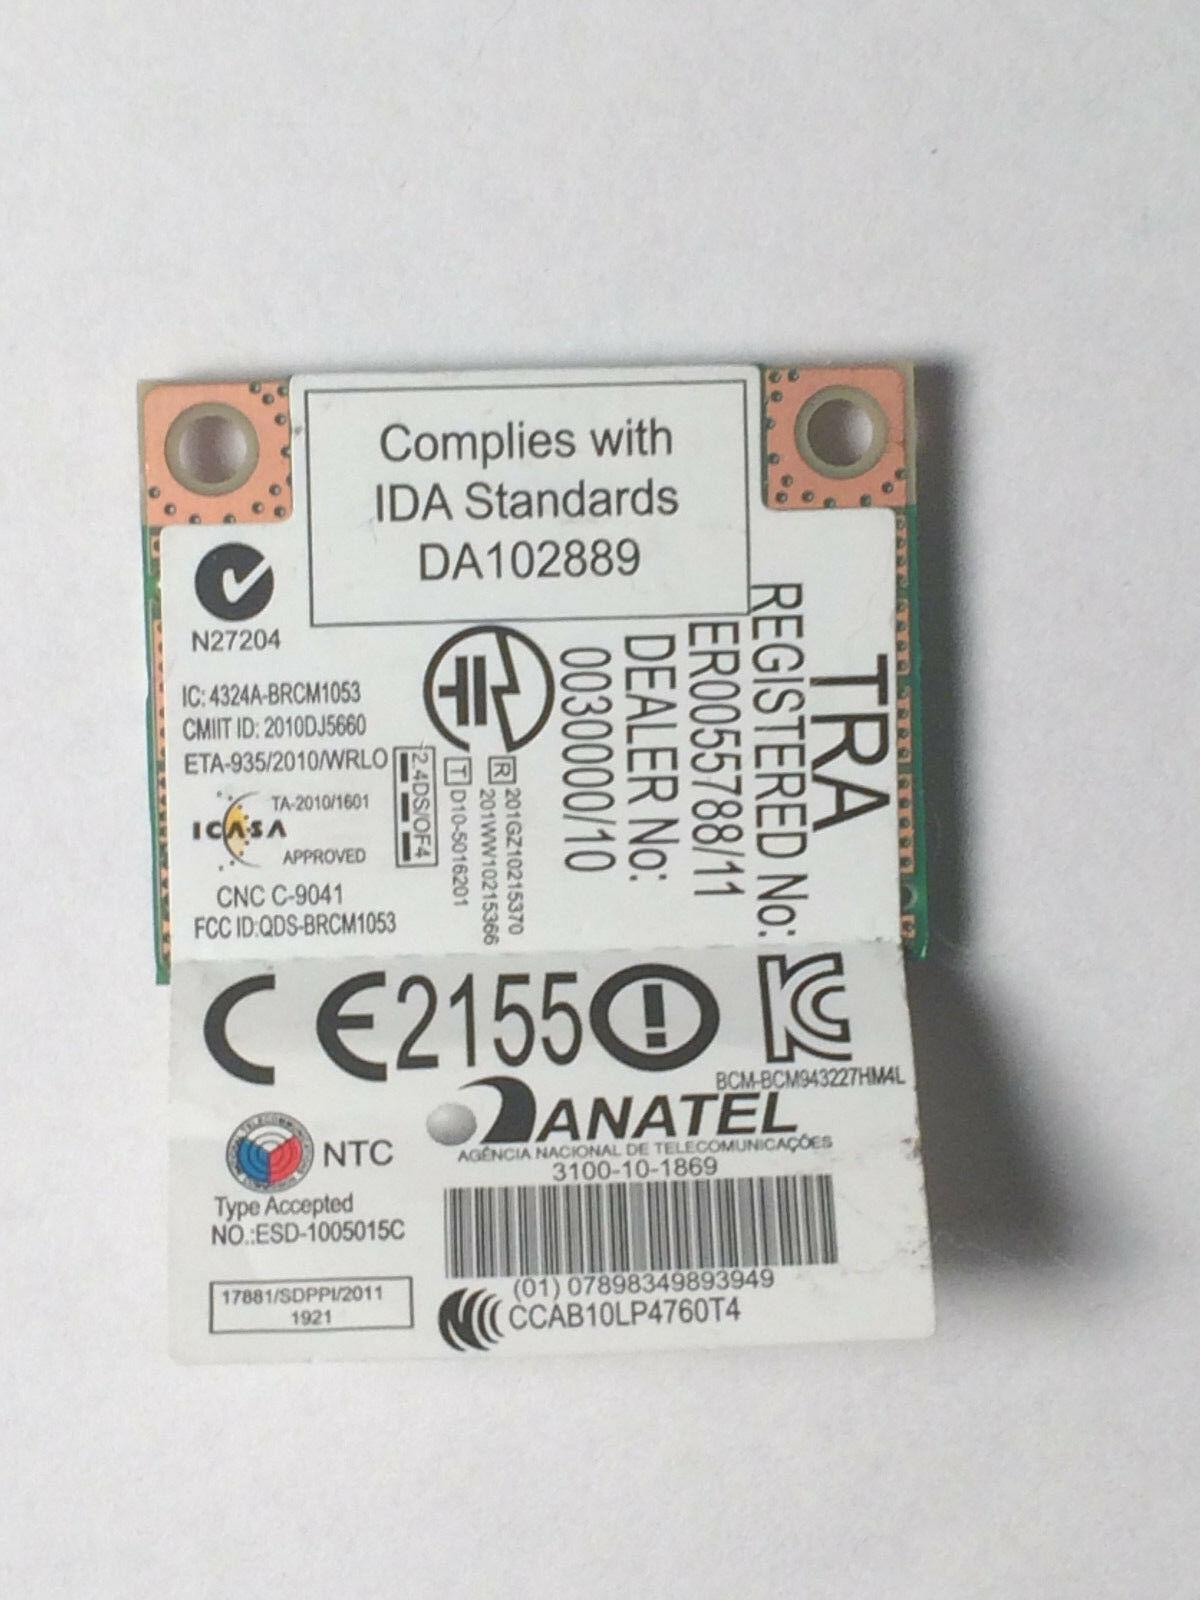 NI.23600.066 Acer Broadcom Wireless WIFI WLAN Card Mini PCI-E T77H268.00 HF image 2